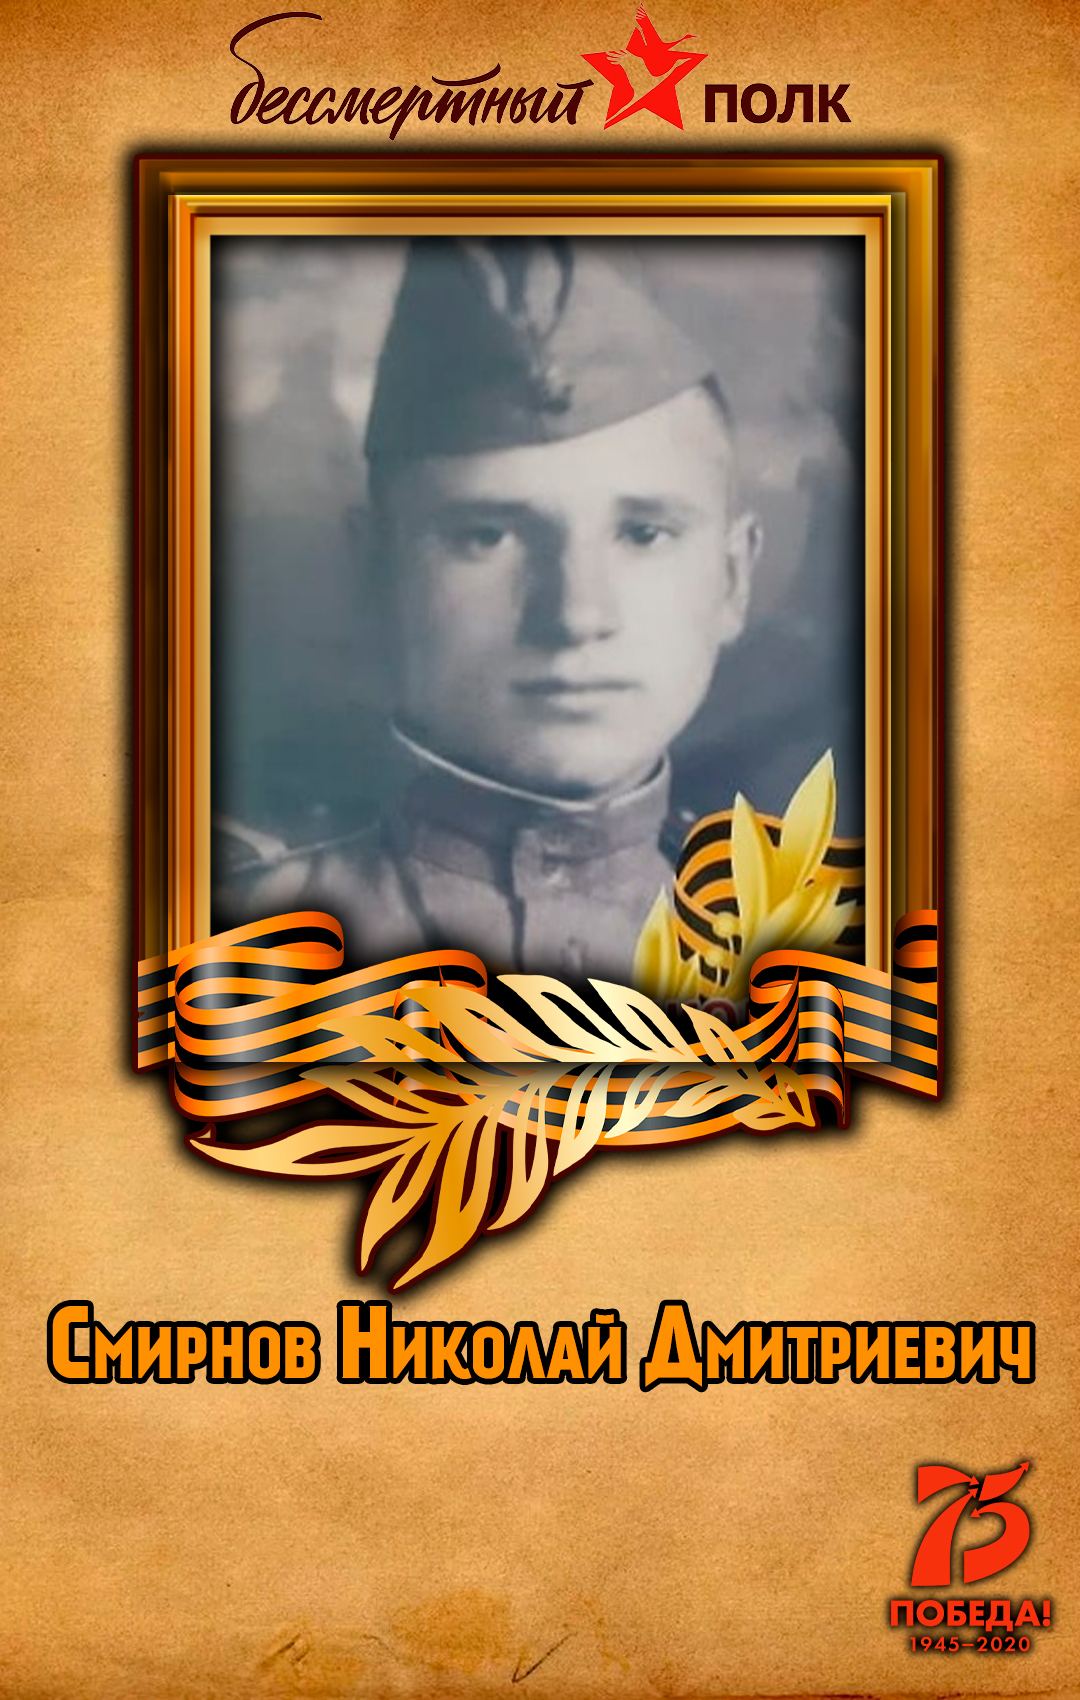 Смирнов-Николай-Дмитриевич